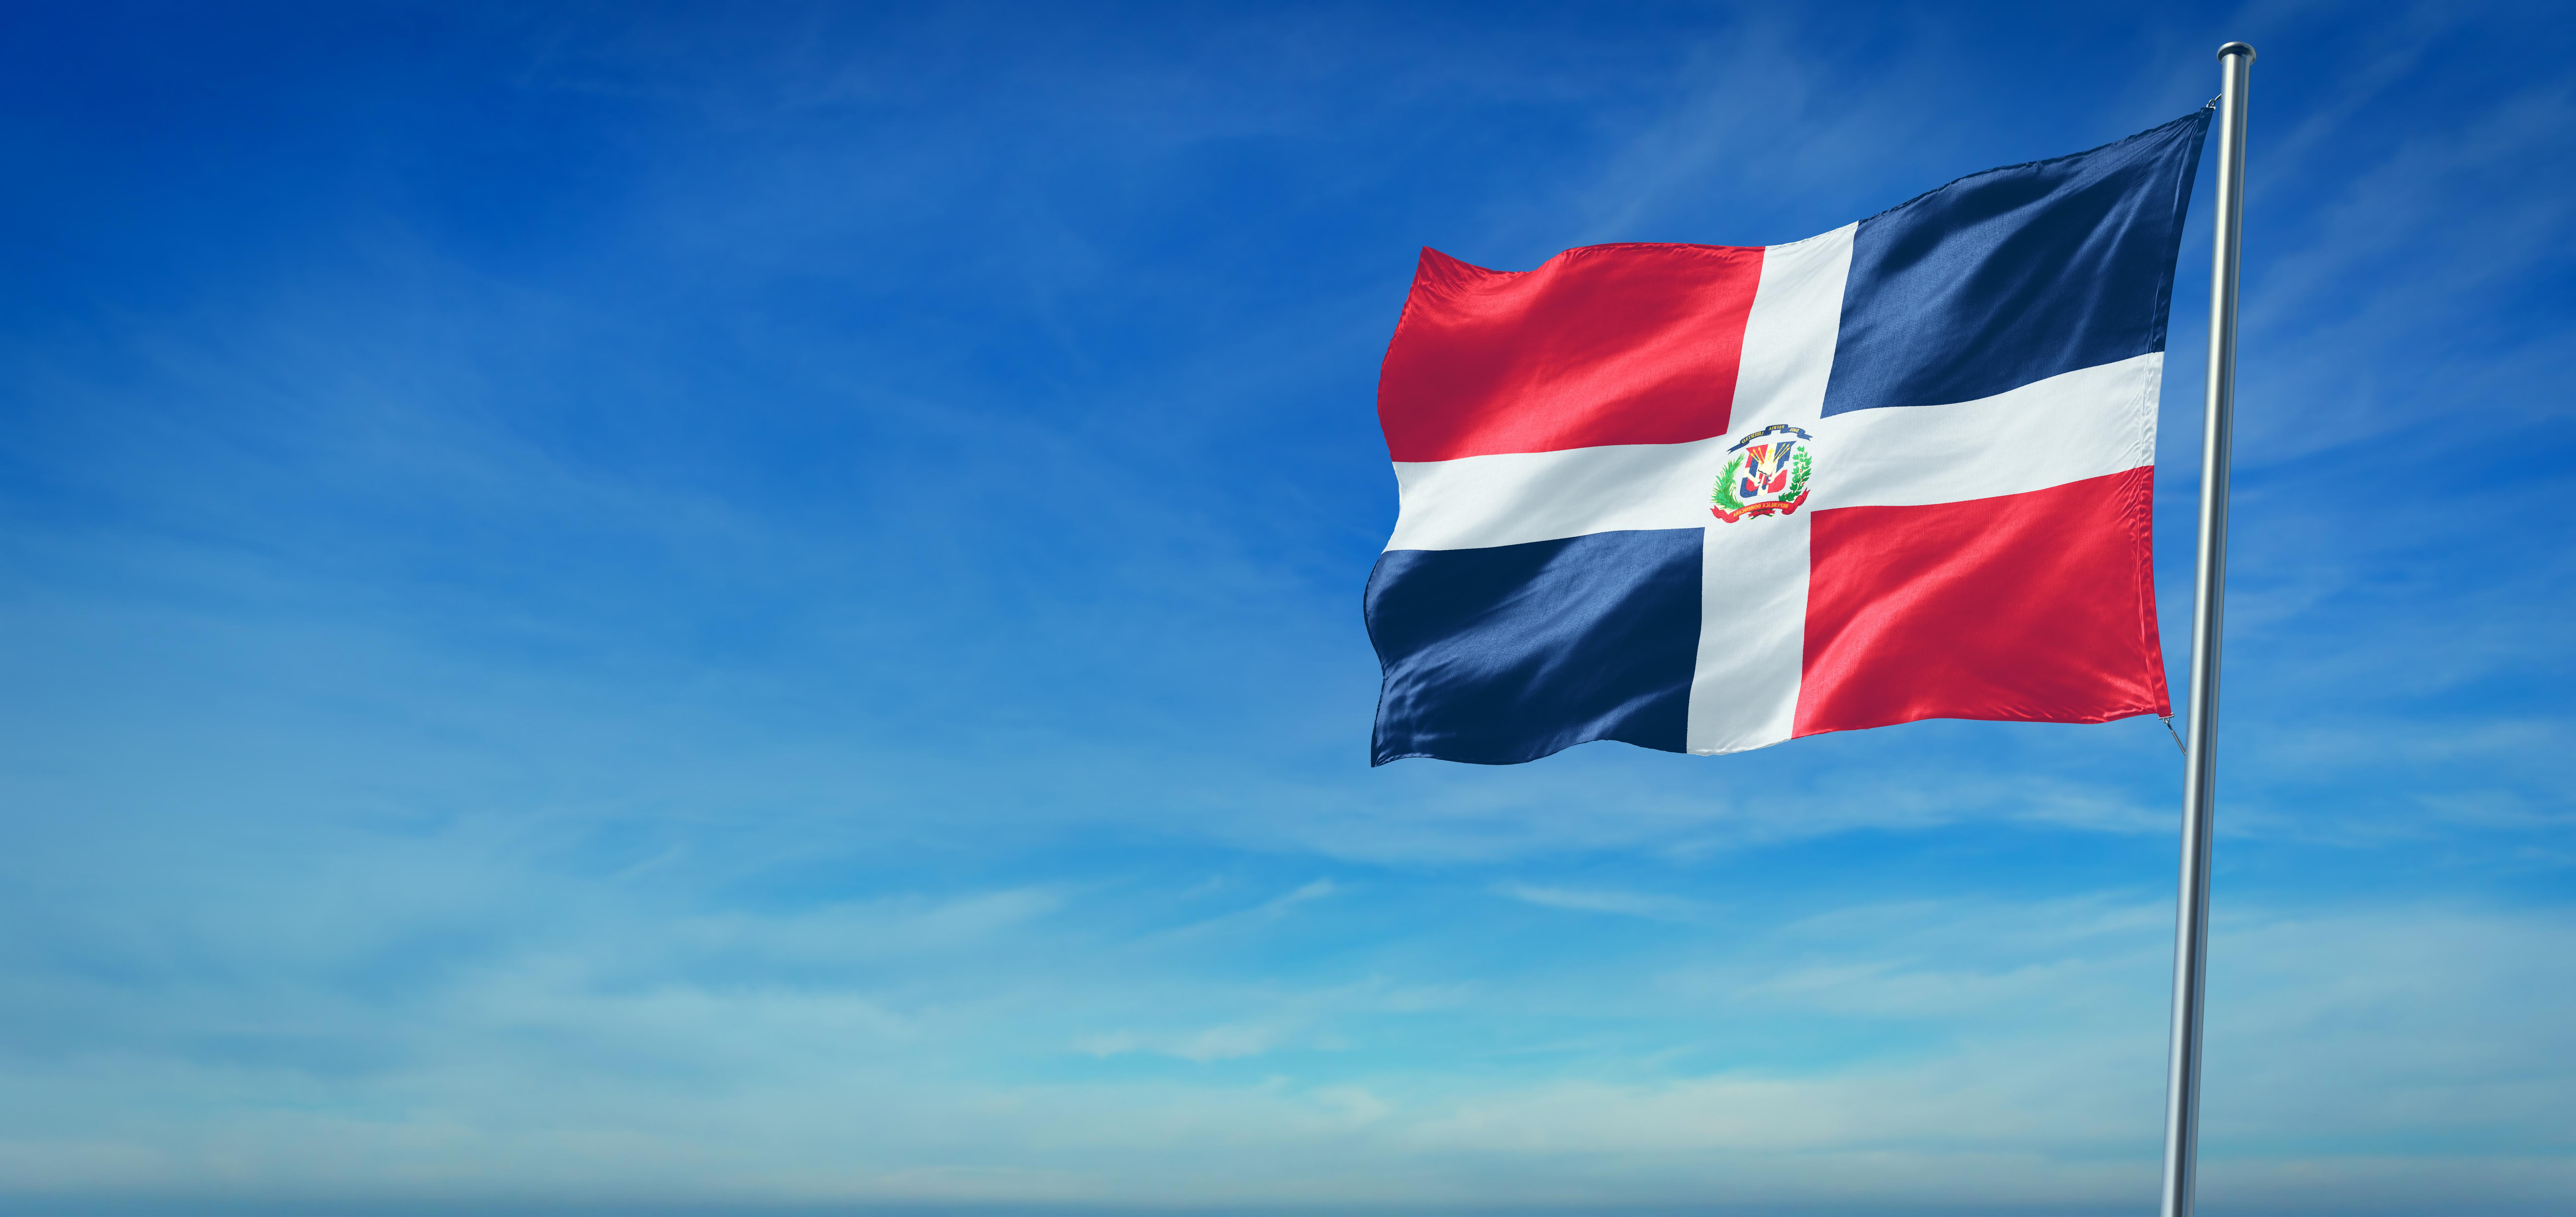 Флаг Доминиканской республики, где могут обучаться россияне